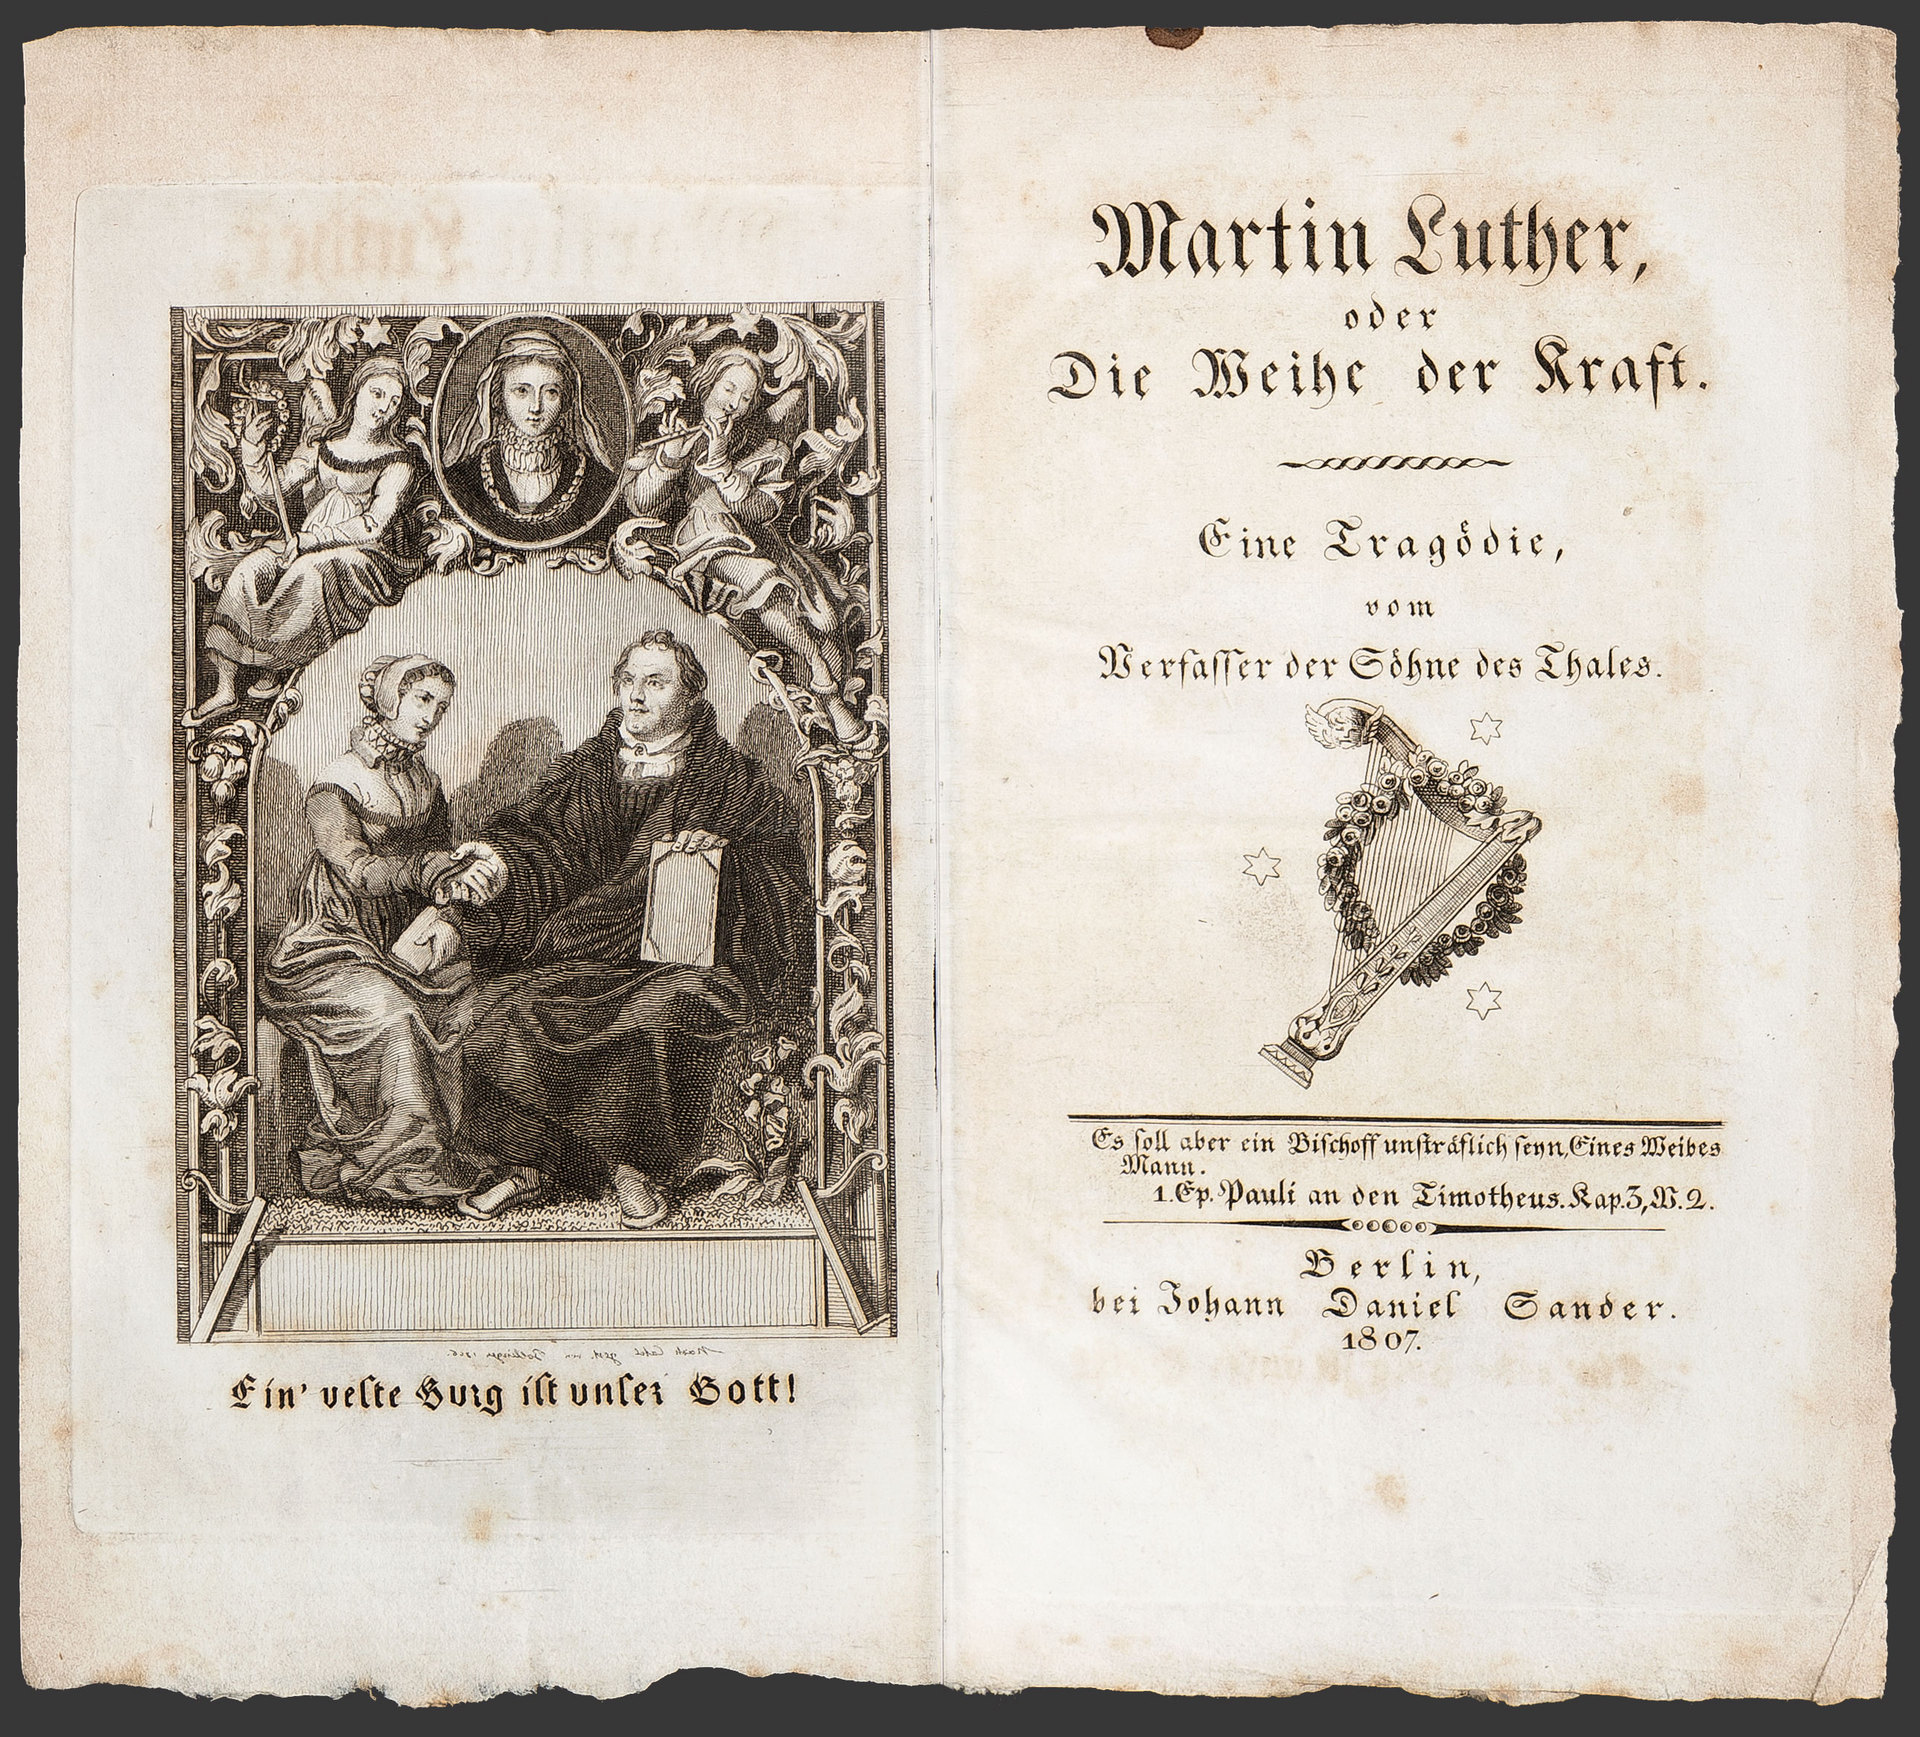 Martin Luther, oder Die Weihe der Kraft